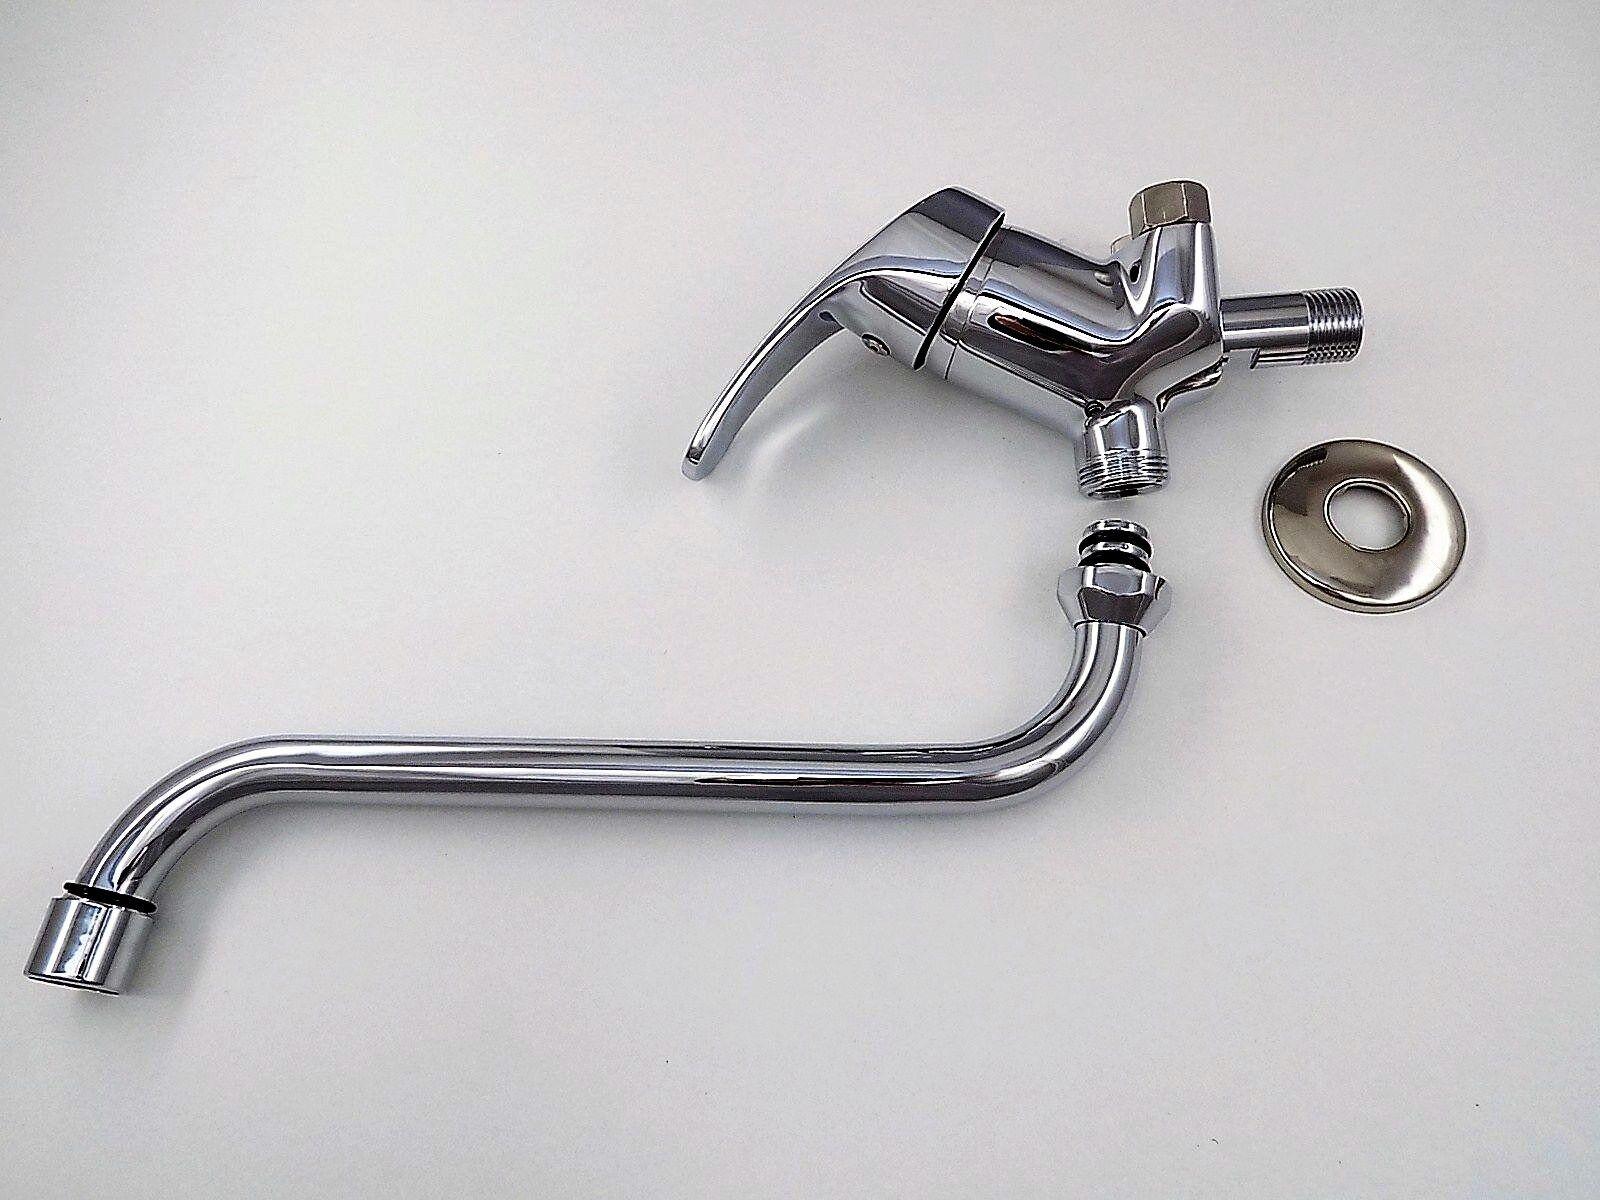 Sehr Armatur Durchlauferhitzer Boiler Übertisch für Wandarmatur Komfort GB81